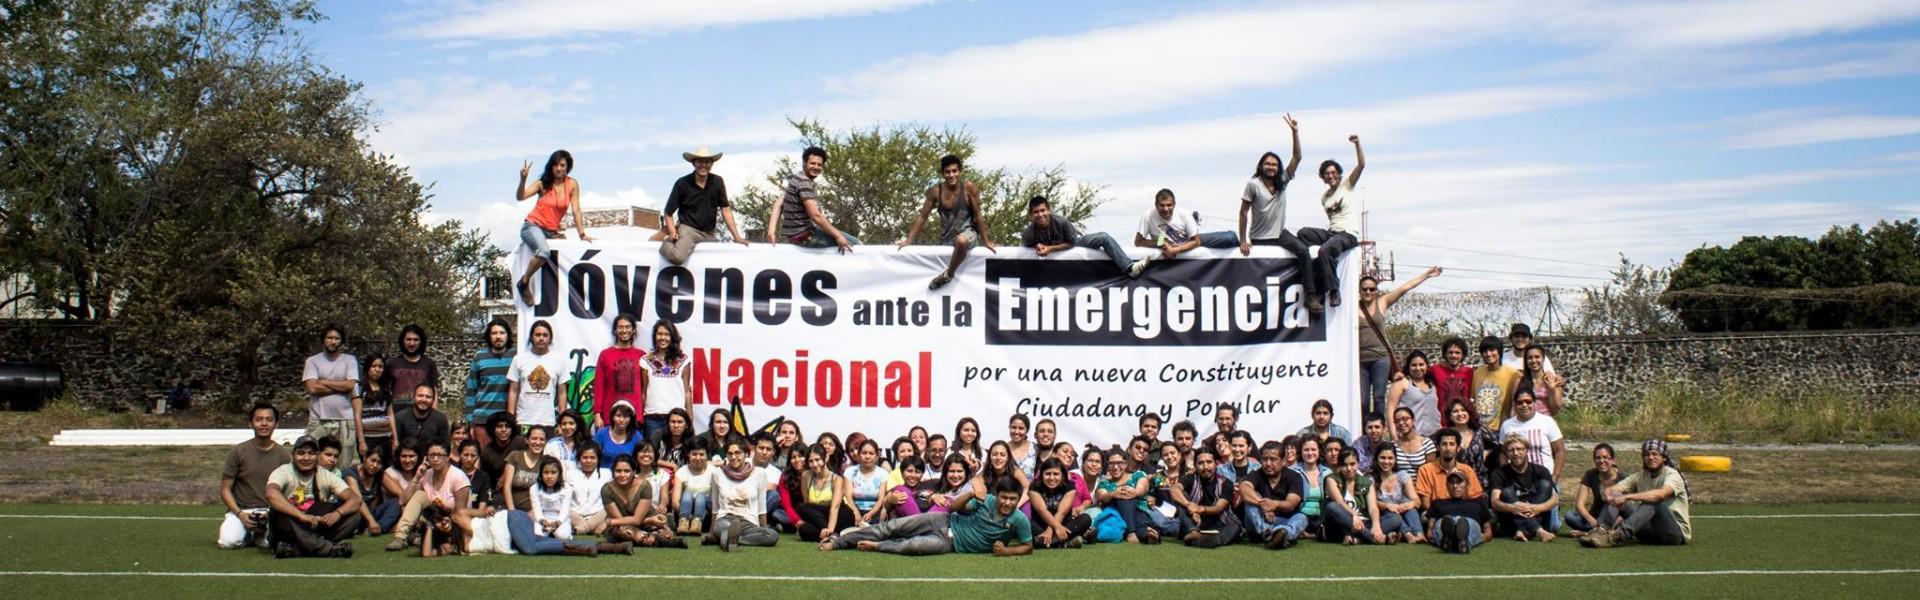 Jóvenes ante la Emergencia Nacional